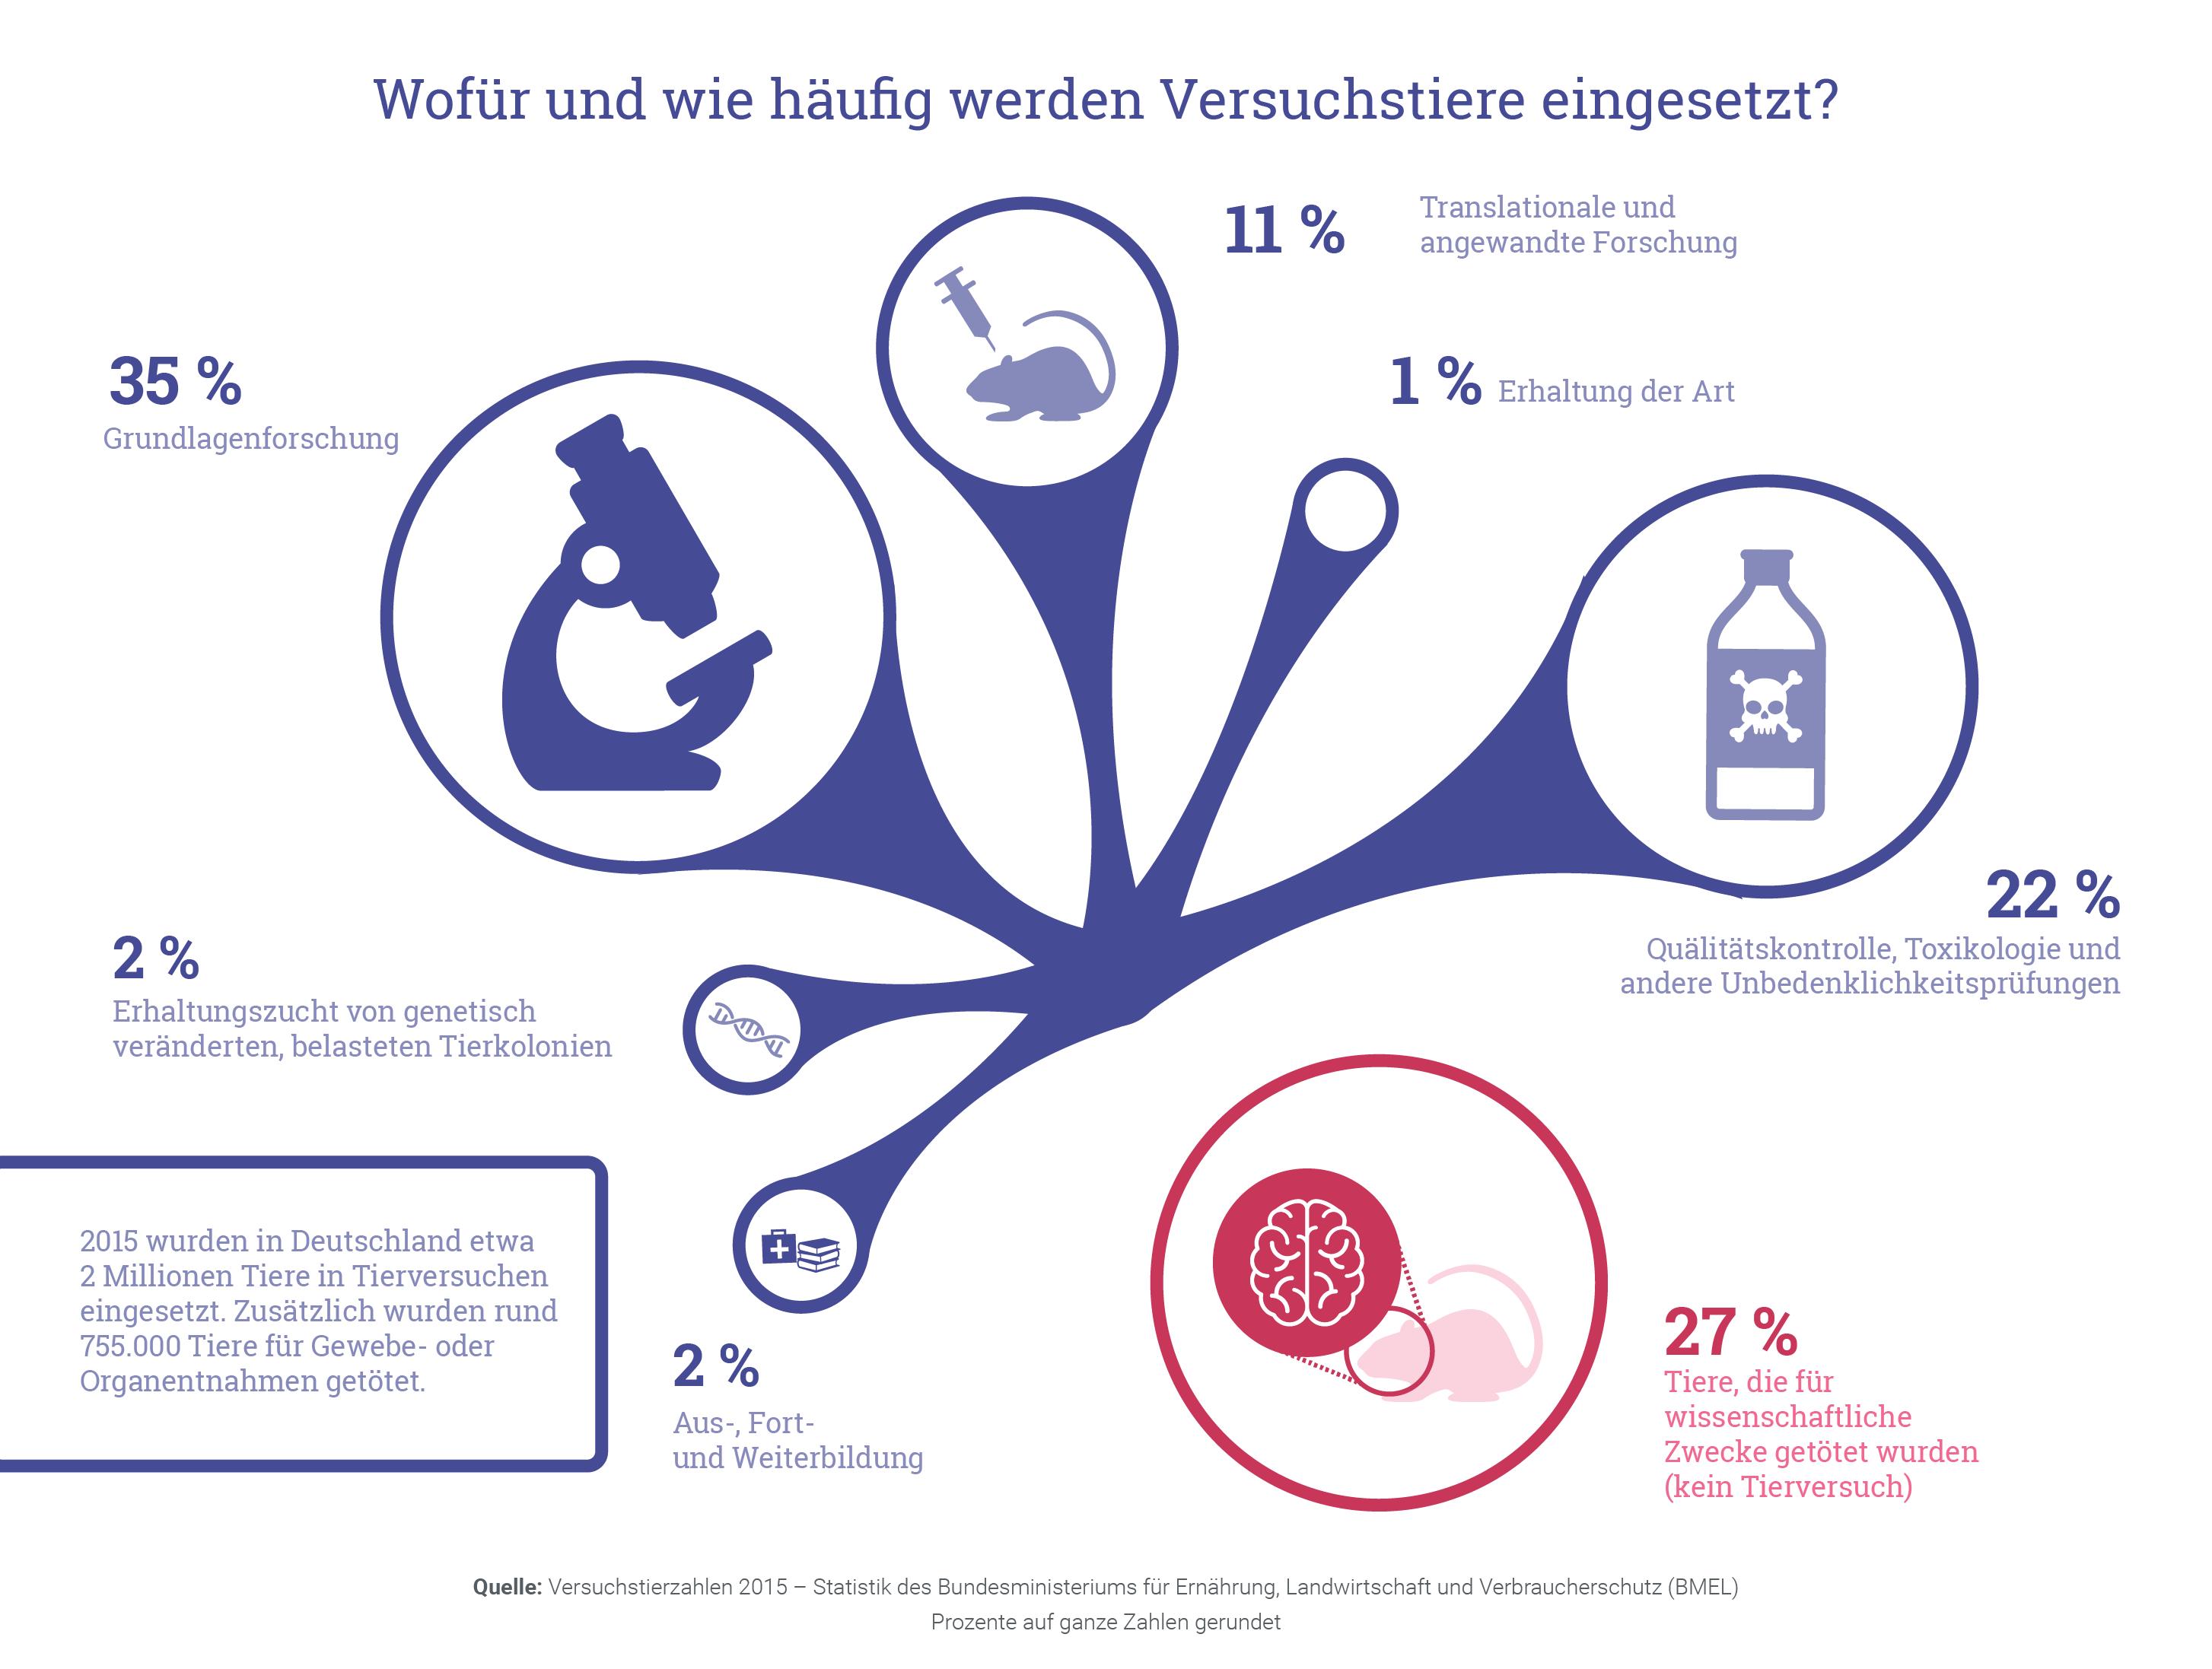 Grafik: Wofür und wie häufig werden Versuchstiere verwendet?